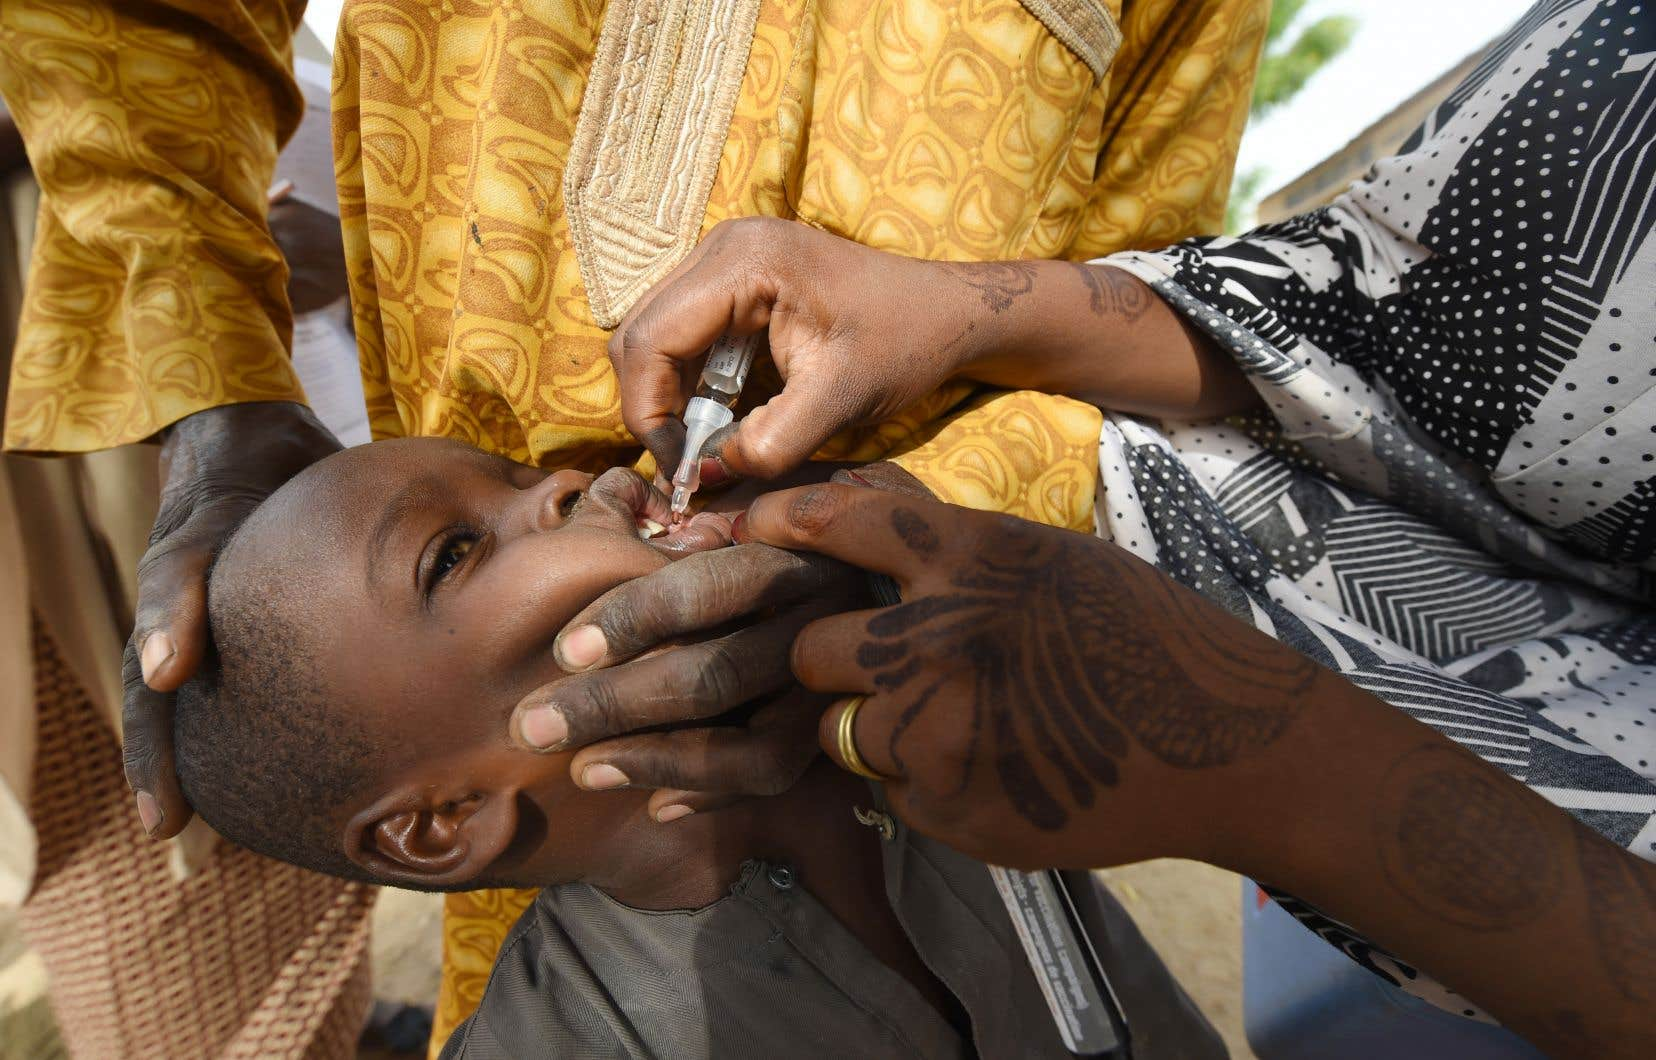 La polio était endémique partout dans le monde jusqu'à la découverte d'un vaccin dans les années 1950.